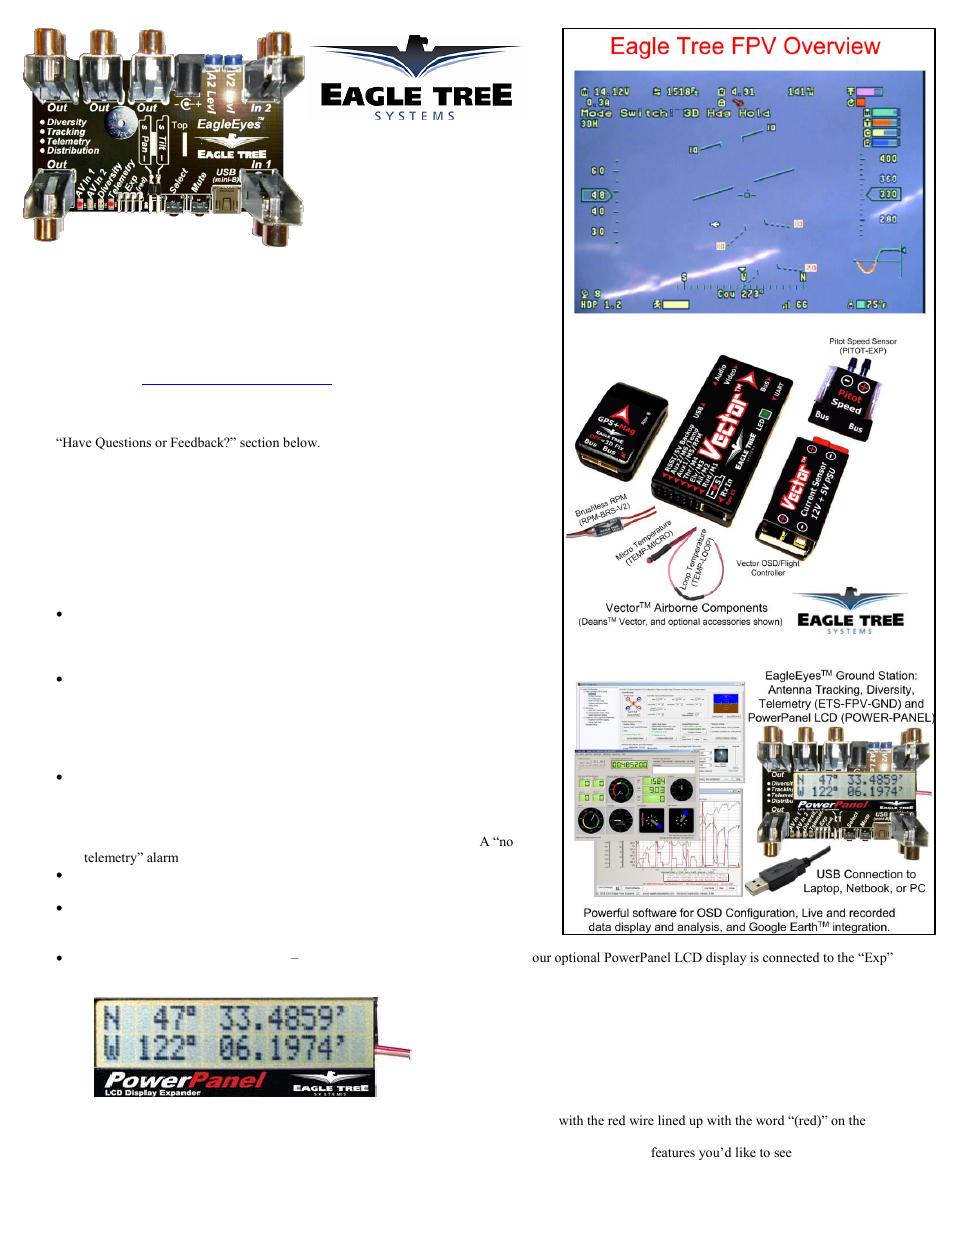 eagle tree eagleeyes fpv station page1 warn rocker switch wiring diagram free download www toyskids co \u2022